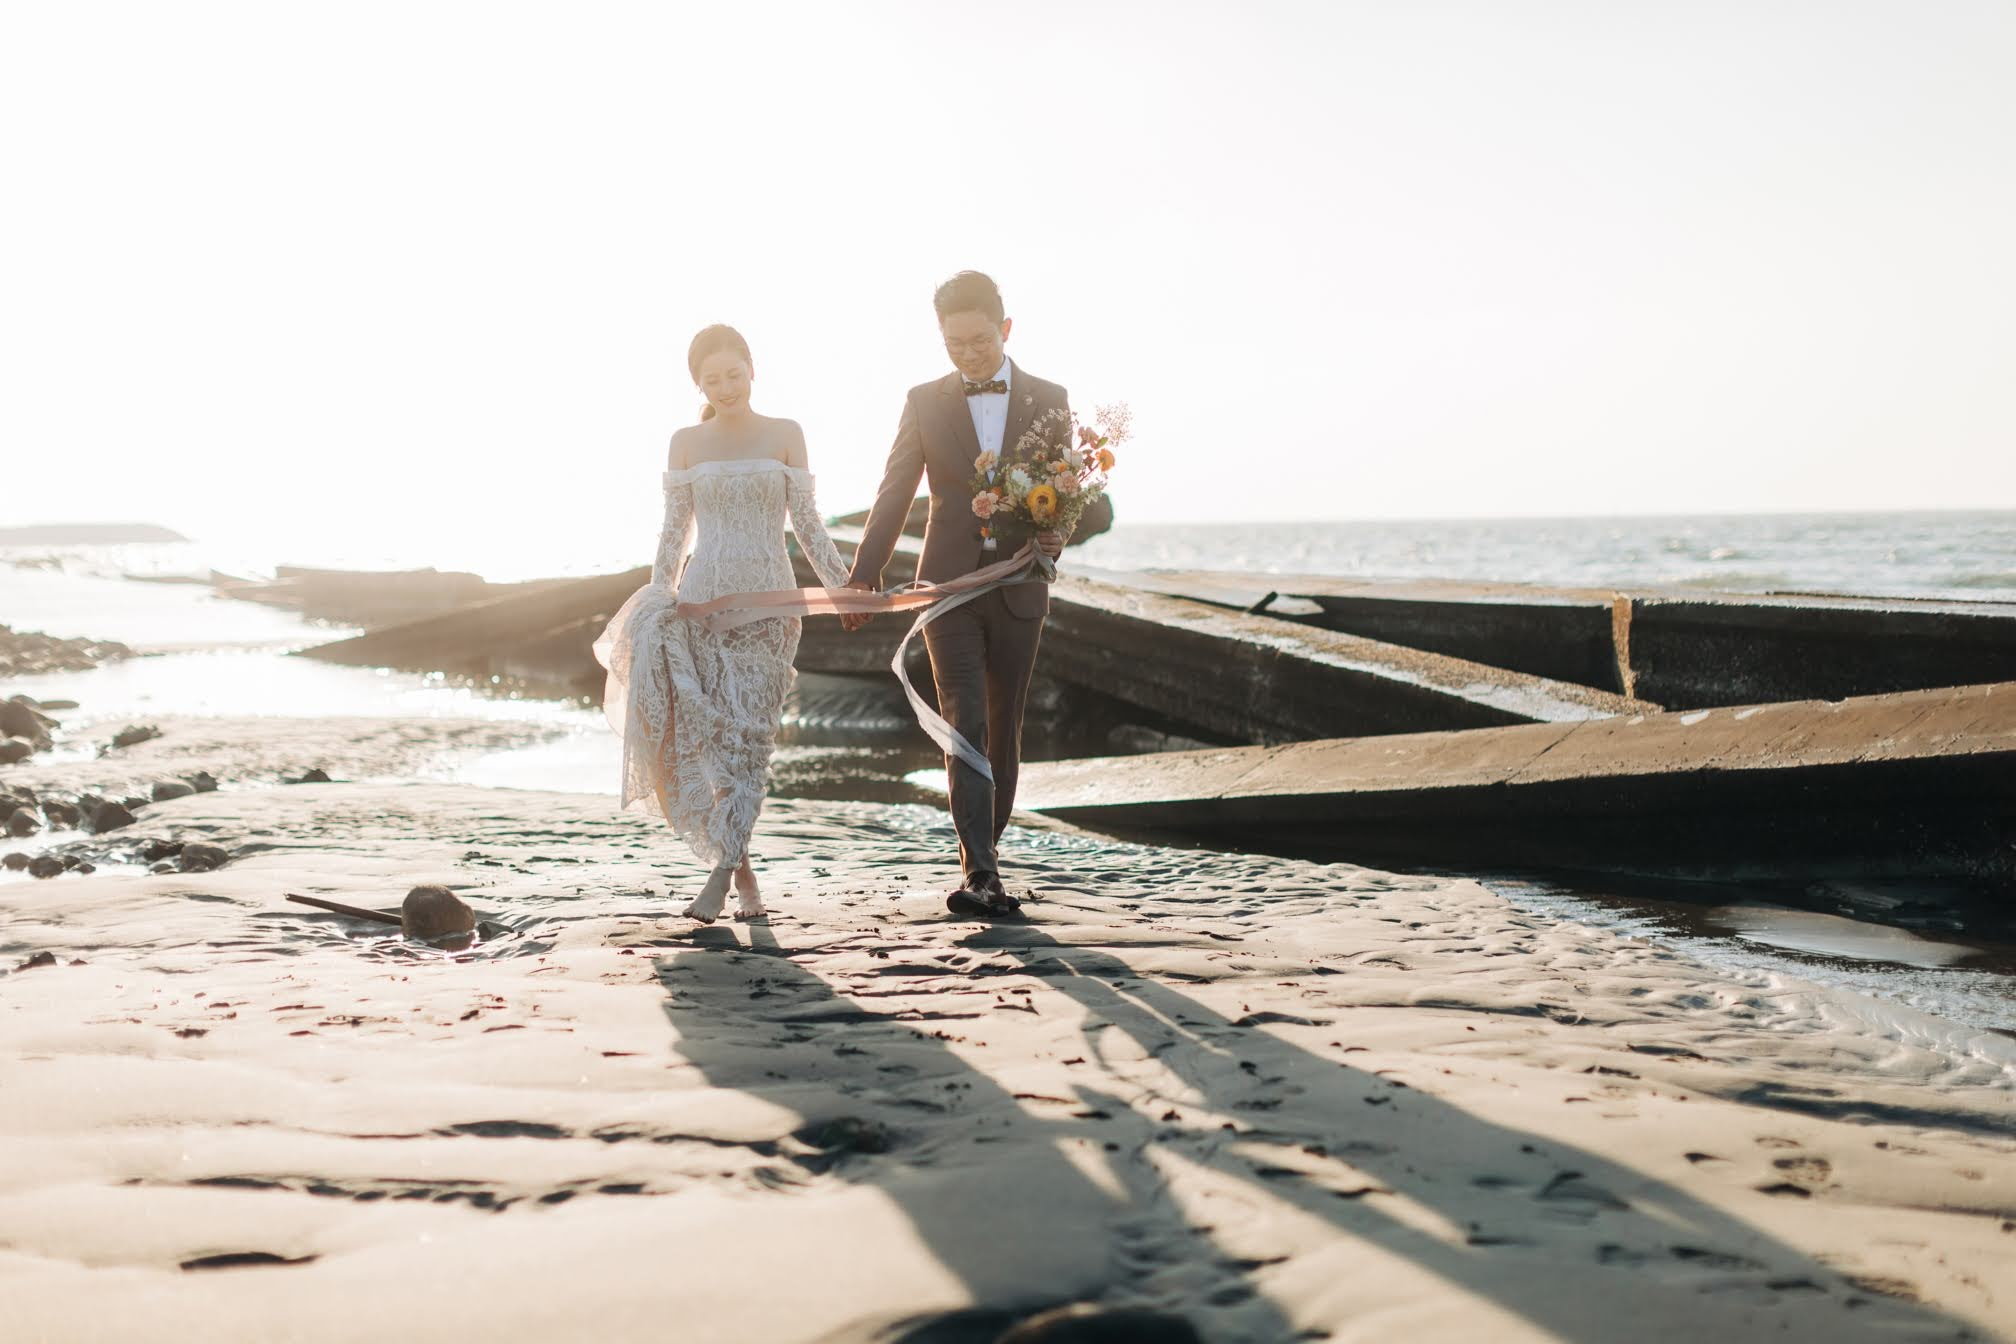 夏天 ,在顏氏牧場和優美的 海灘 ,替Wiki和Diane拍攝了這組 夏日 海灘 美式婚紗 ,除了顏氏牧場內的美景,黃昏時伴隨著美麗的夕陽和 煙火 ,兩人漫步在 沙灘 上,一起玩著 仙女棒 , 享受只屬於他們的約會片刻,也在最後替兩人拍攝了美麗的 煙火婚紗。